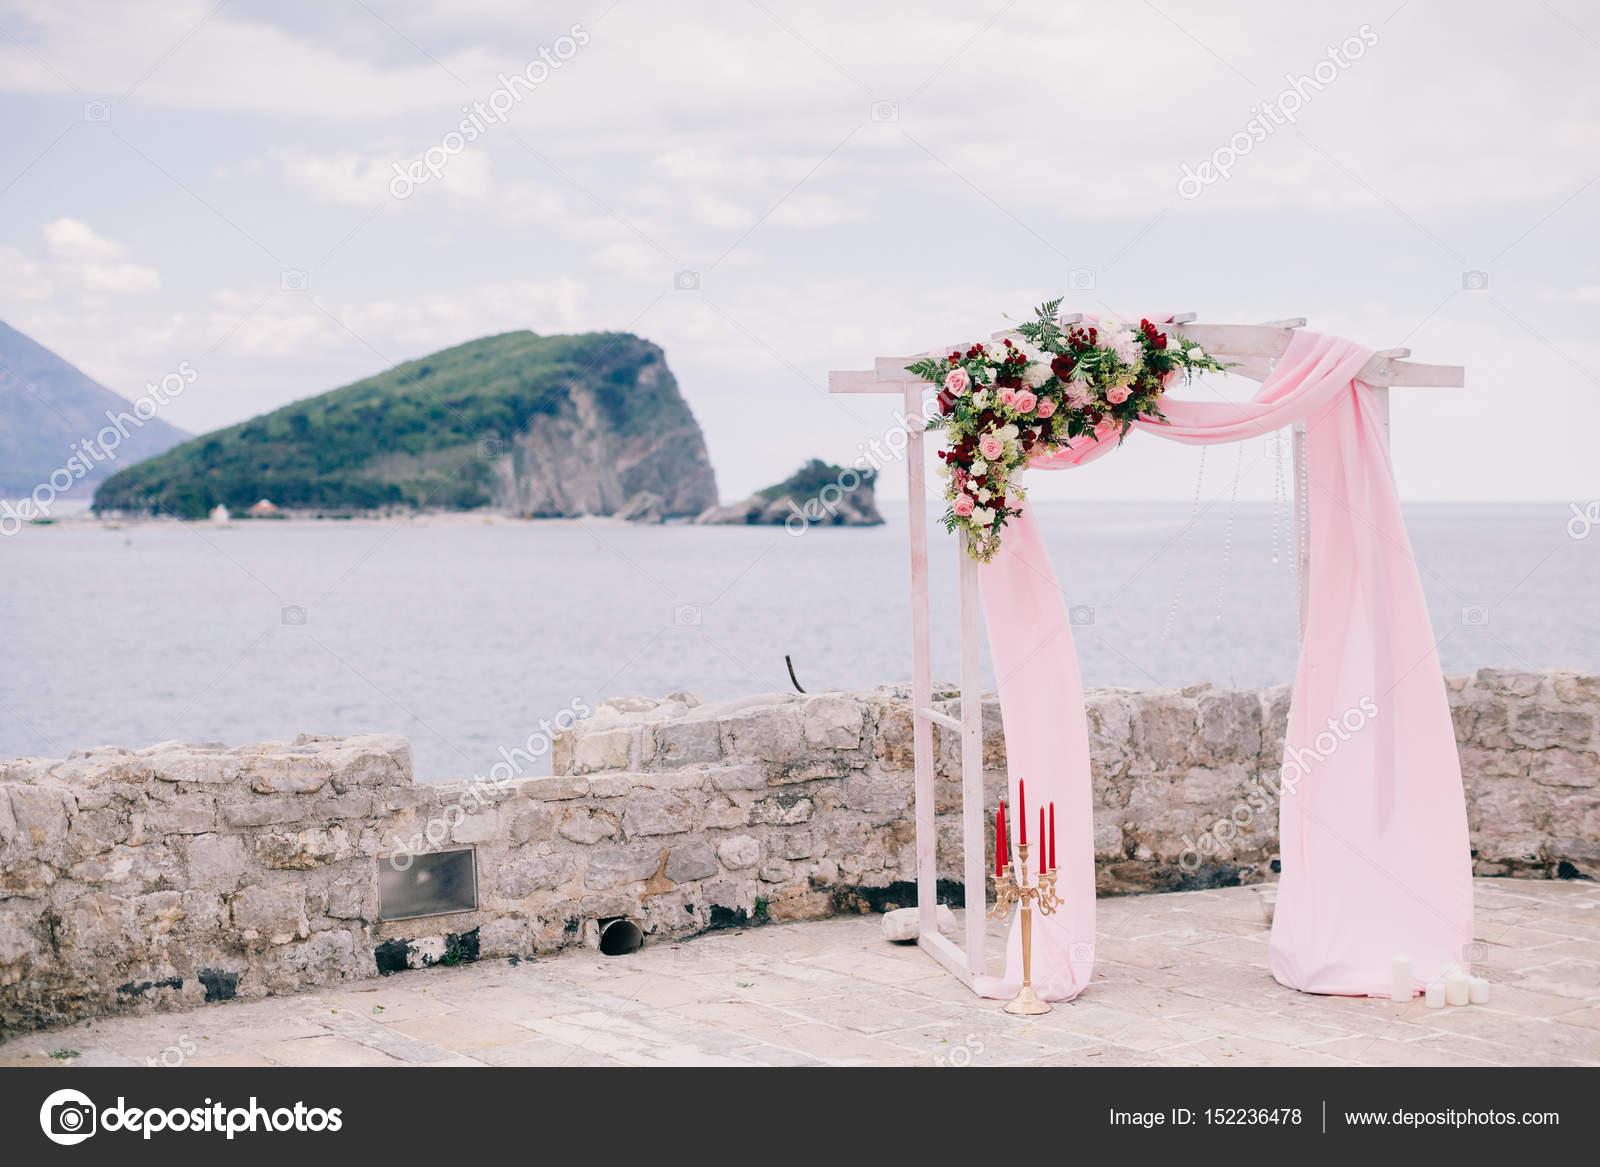 arc de mariage destination avec d coration photographie shevtsovy 152236478. Black Bedroom Furniture Sets. Home Design Ideas